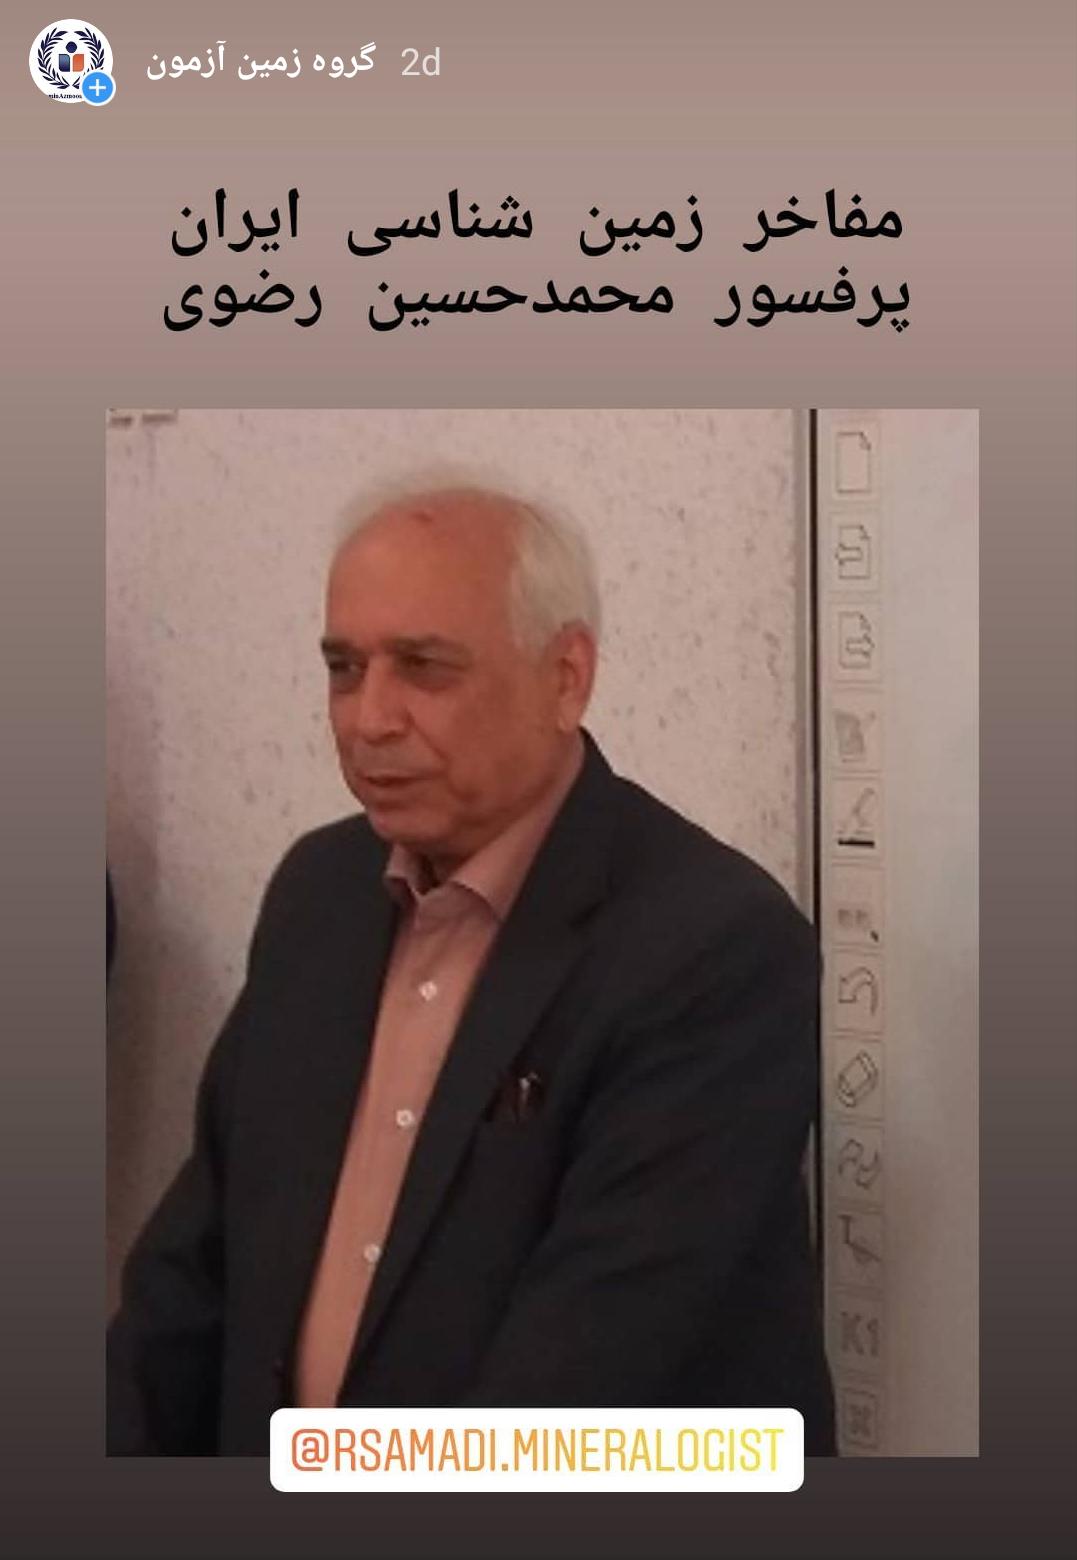 دکتر محمدحسین رضوی